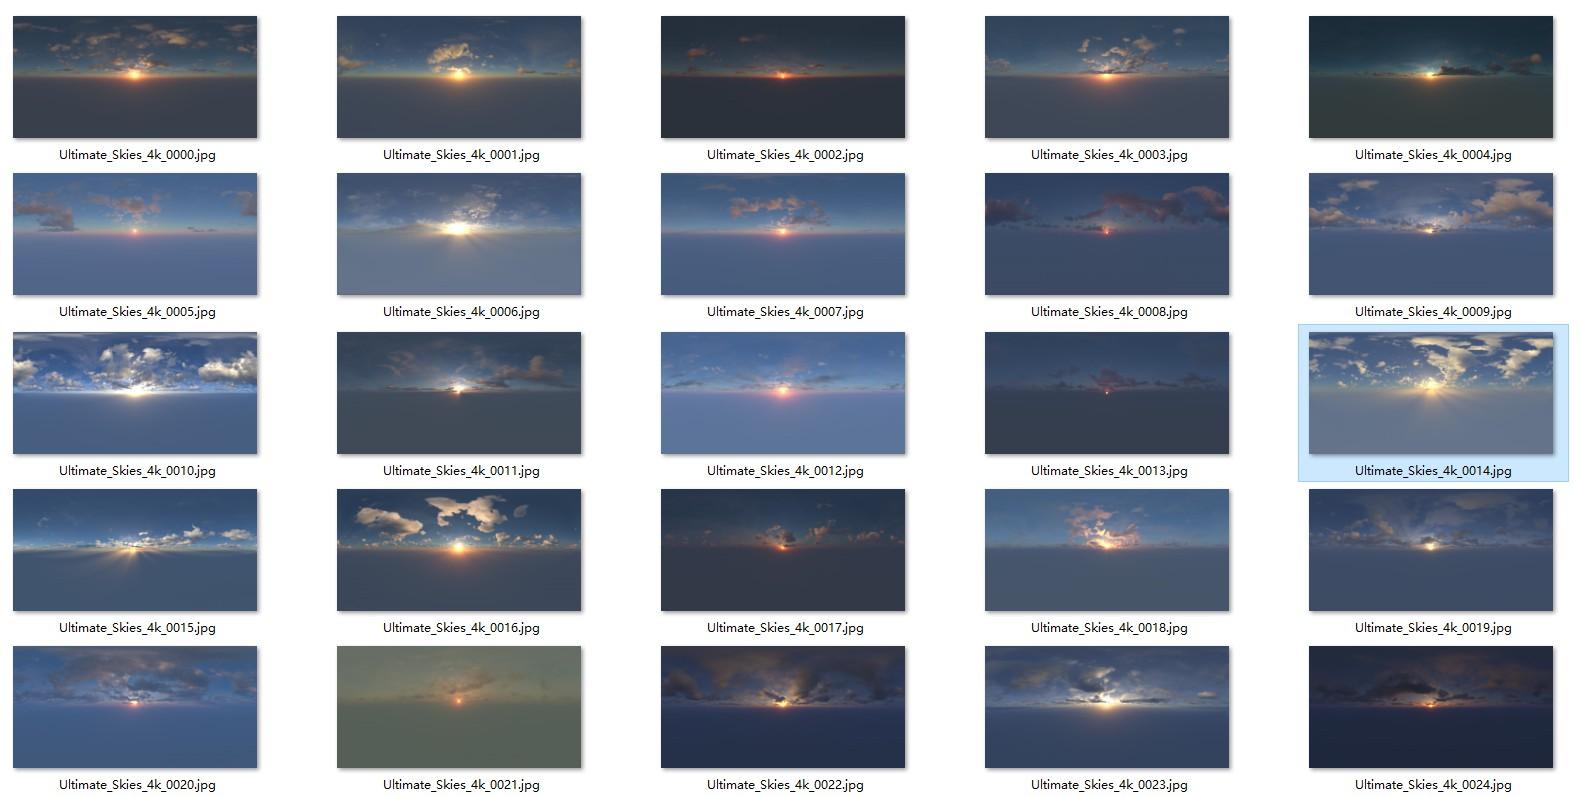 Agancg_HDR_Ultimate_Skies01